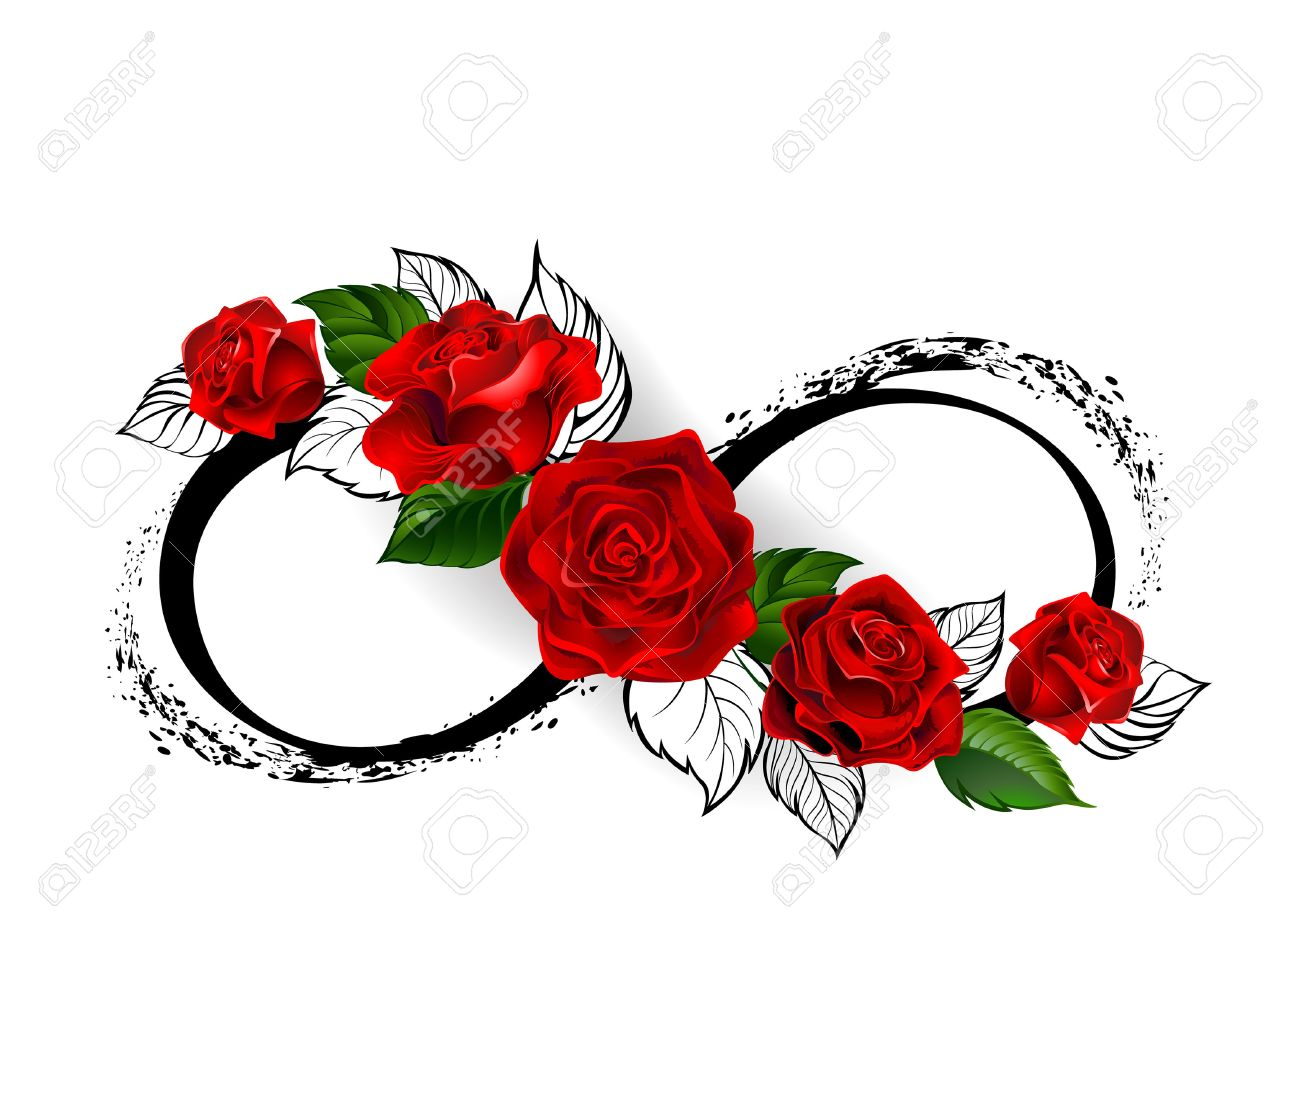 Símbolo De Infinito Con Rosas Rojas Y Tallos Negras Sobre Un Fondo